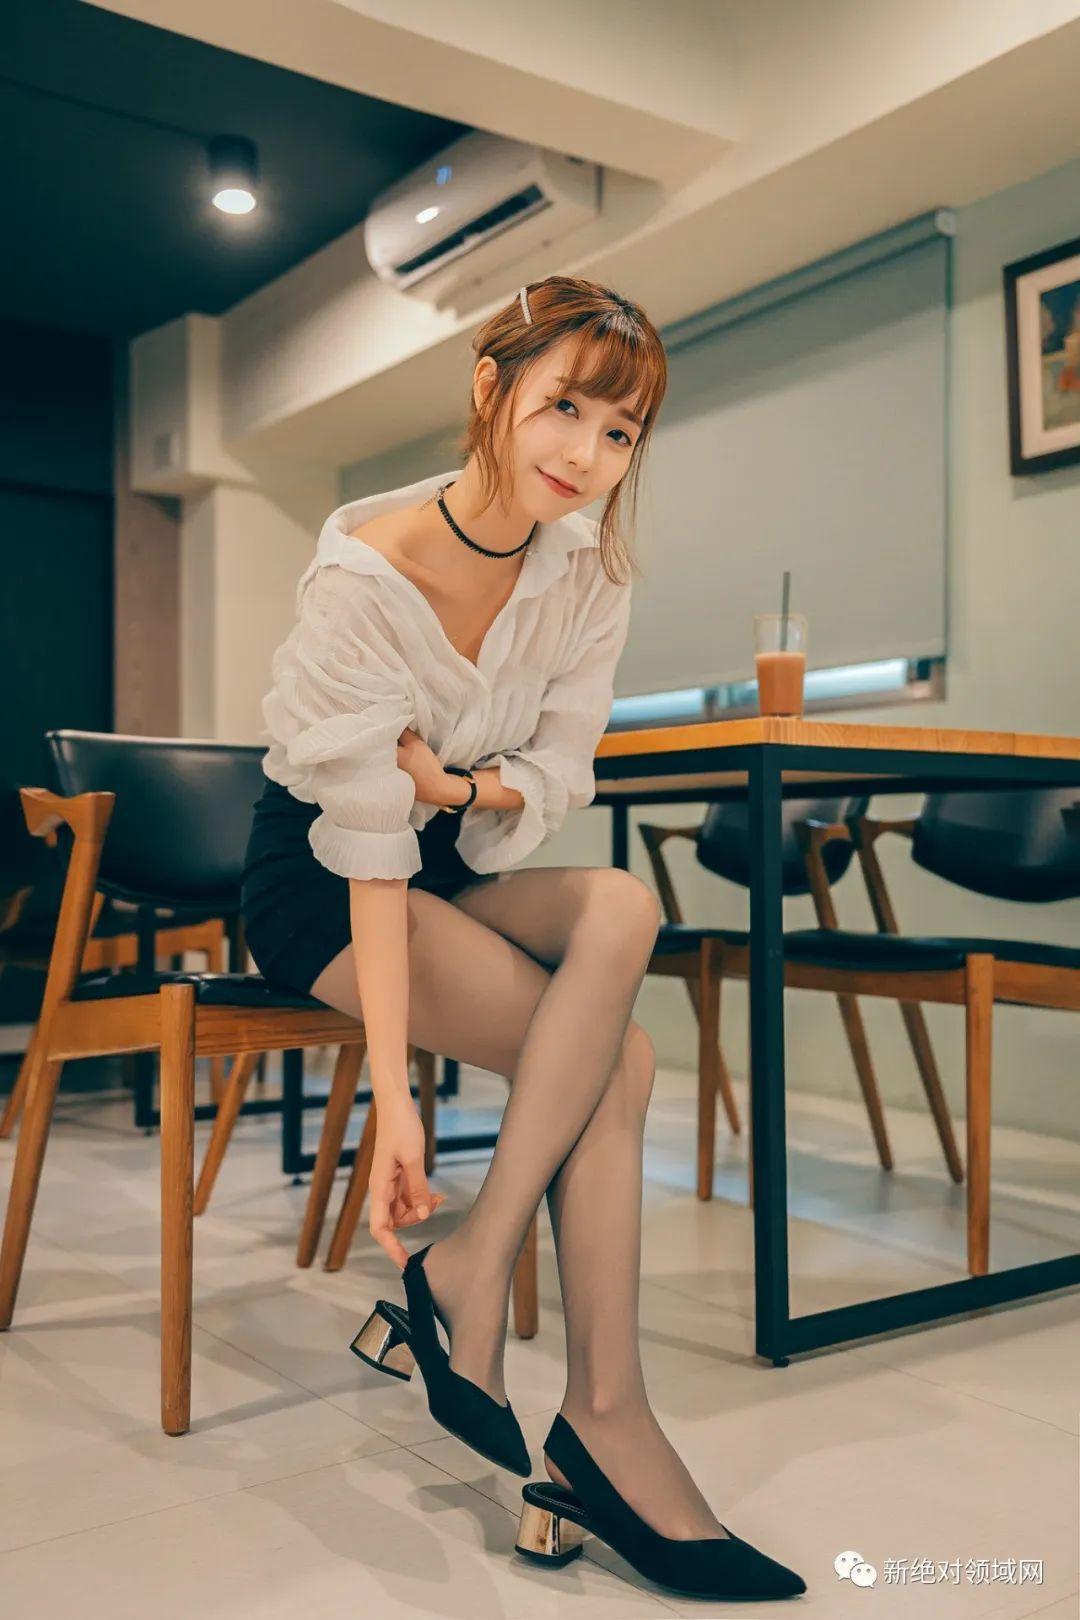 妹子摄影 – 半露的香肩,OL裙黑丝,性感的味道_图片 No.7